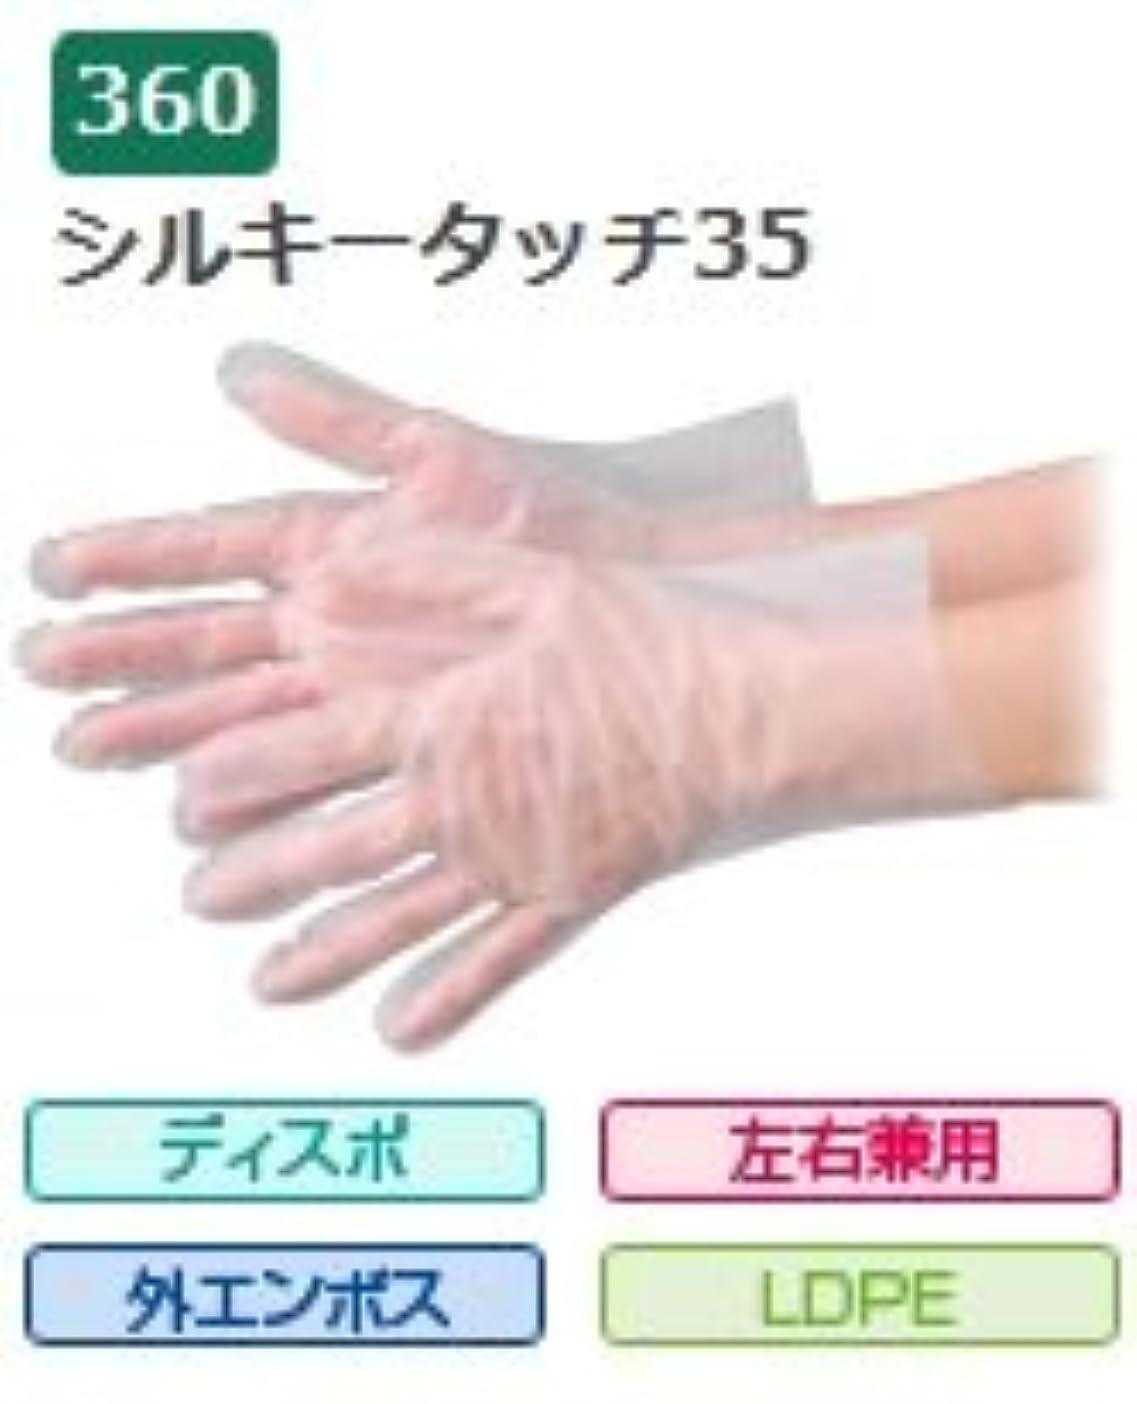 廃止するいらいらする出会いエブノ ポリエチレン手袋 No.360 L 半透明 (100枚×50袋) シルキータッチ35 袋入